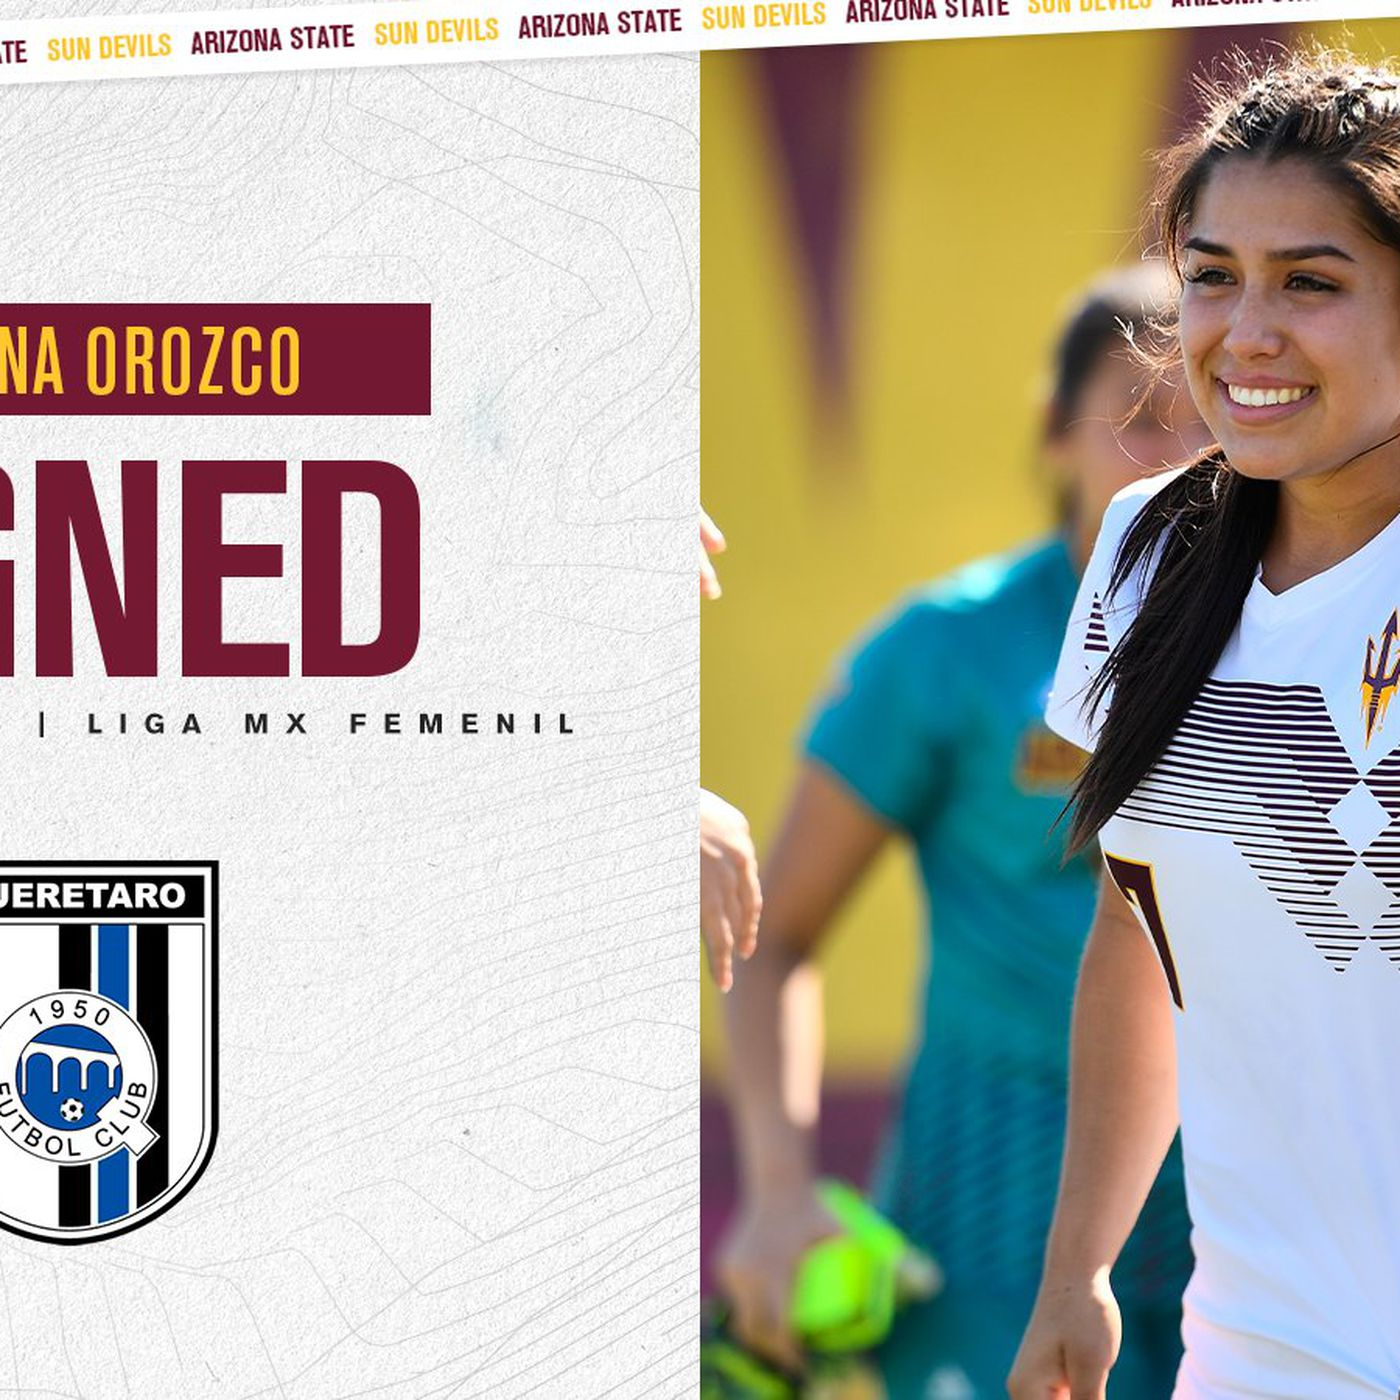 ASU Soccer Former Sun Devil Adriana Orozco Signs With Liga MX Femenil House Of Sparky